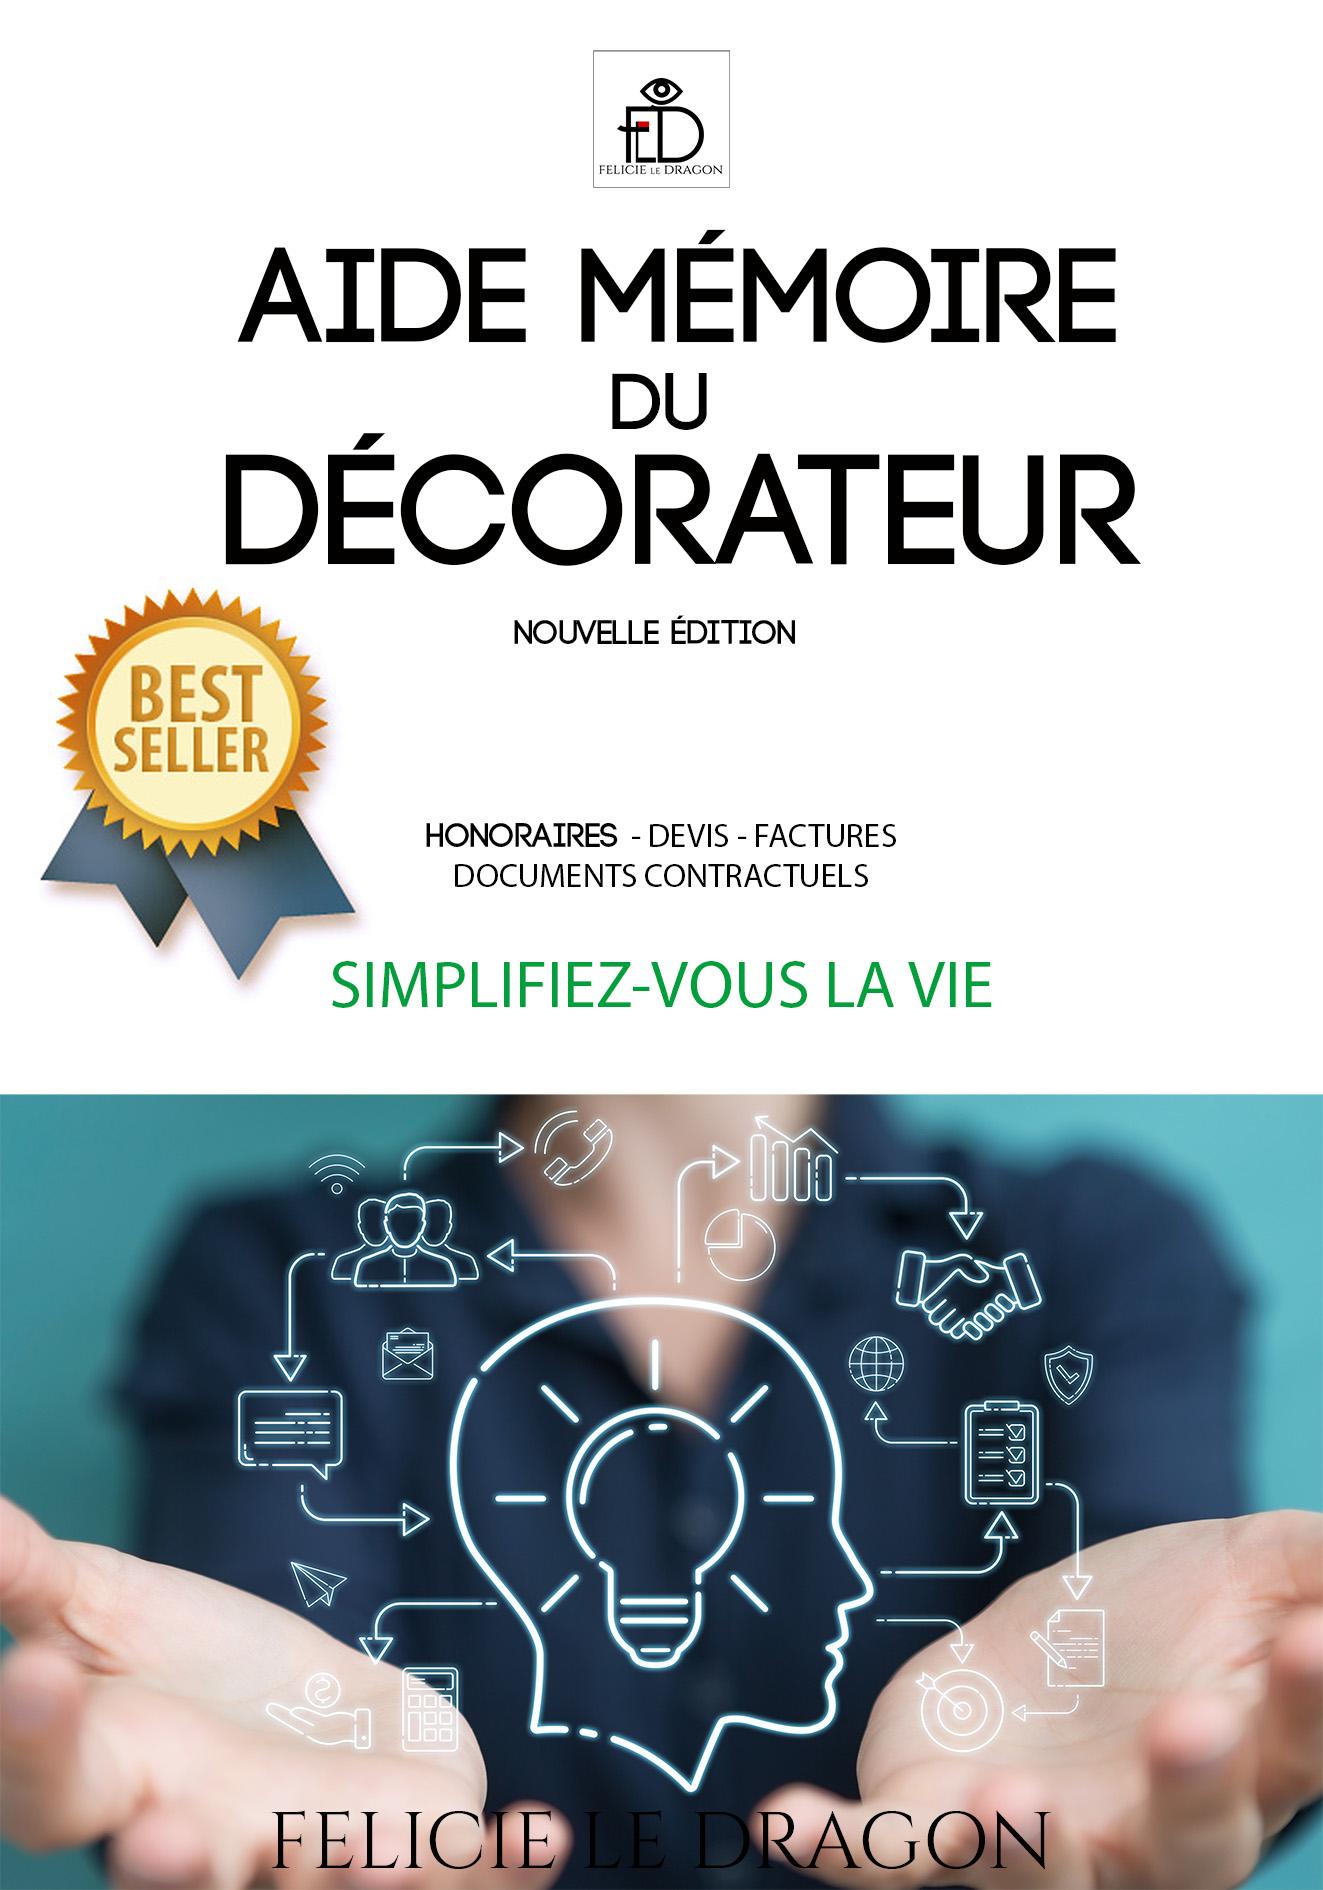 Aide mémoire du décorateur